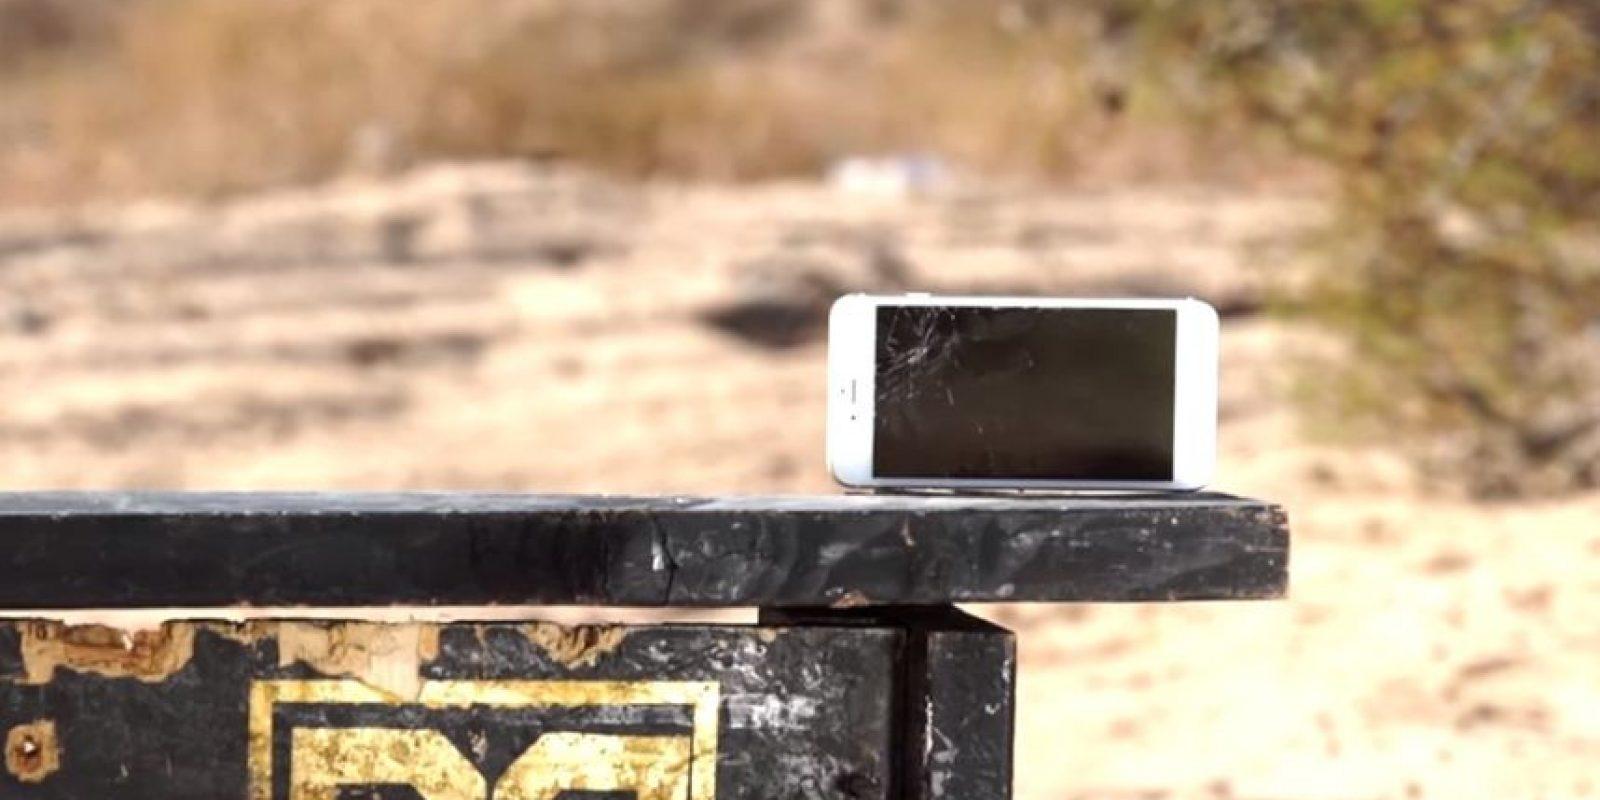 Este smartphone es el más reciente de Apple. Foto:FullMag